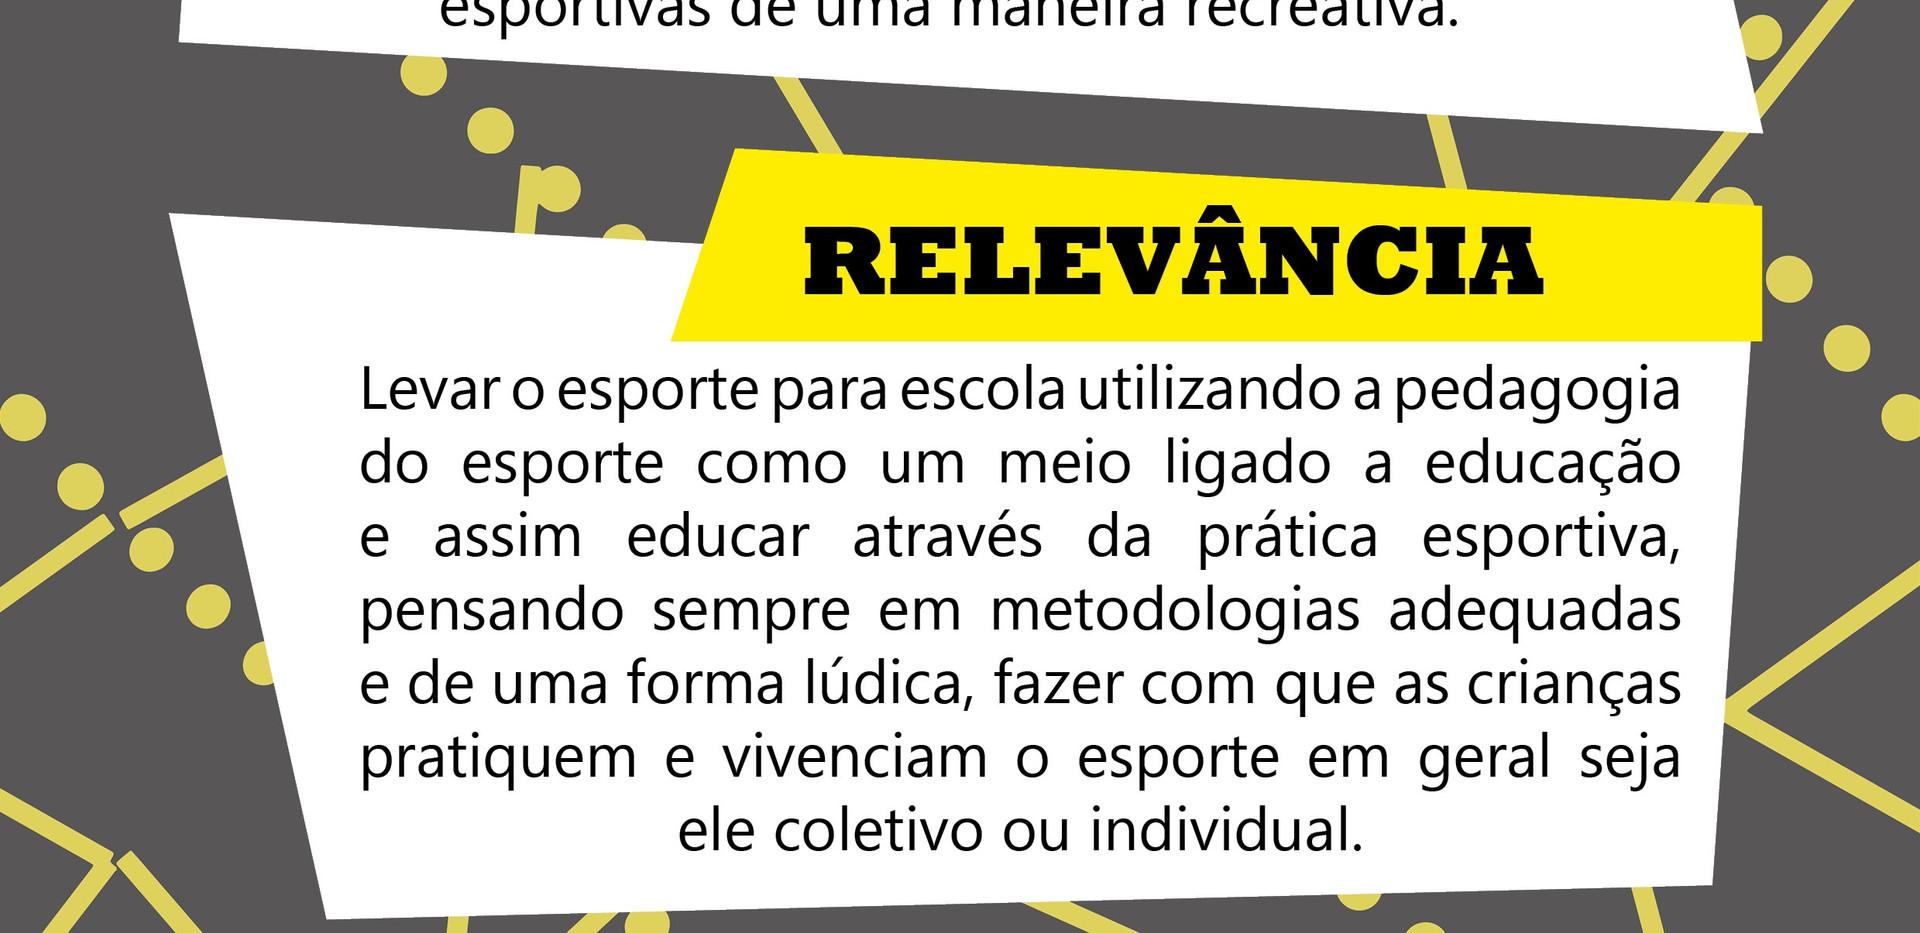 Esporte A Livreto impres2.jpg